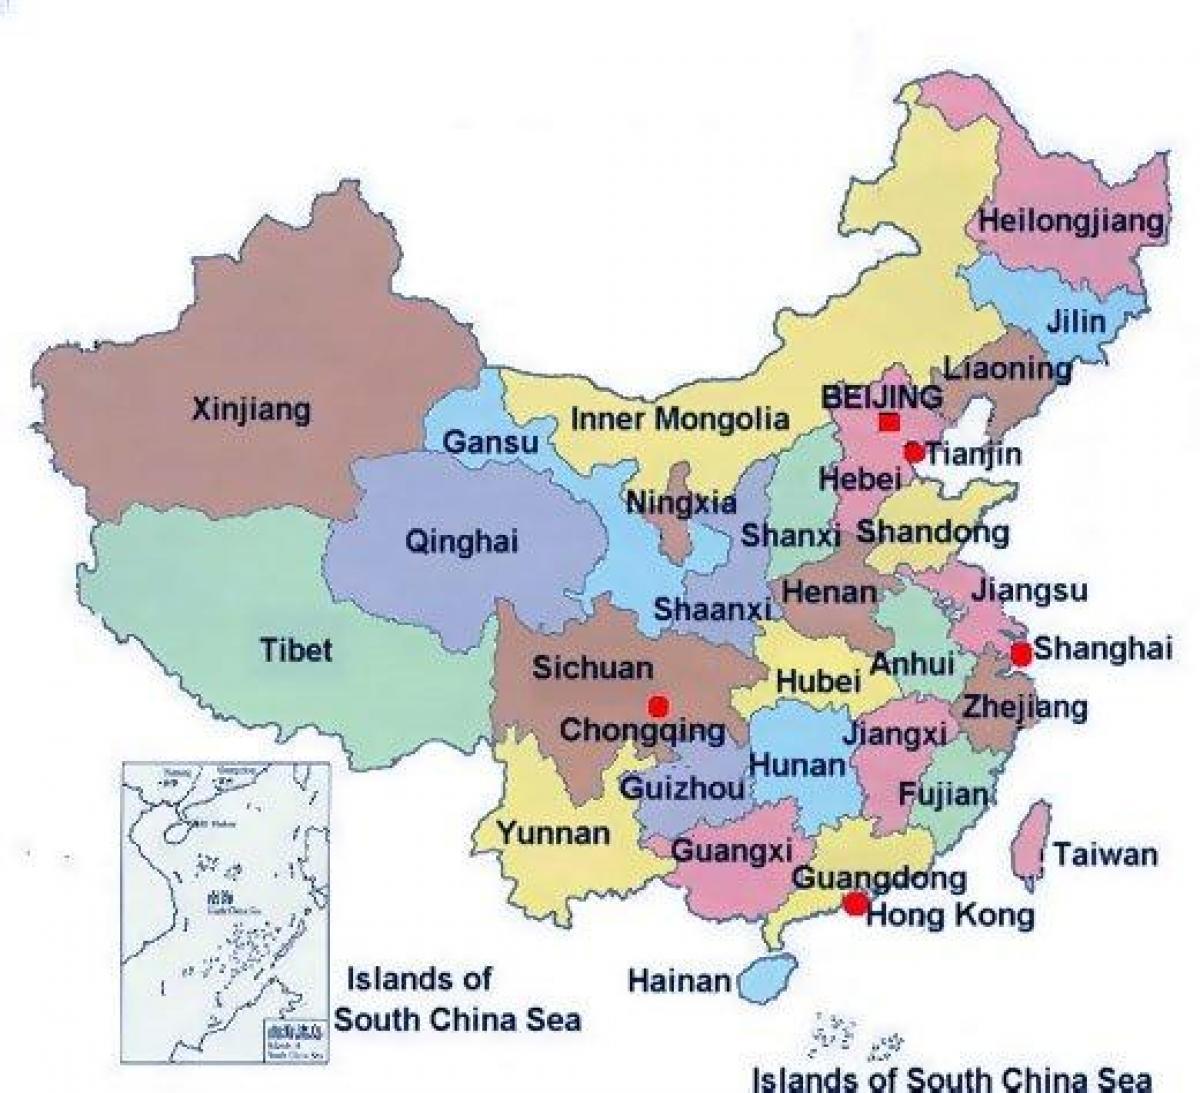 Cina Gambar Peta Asia Timur China Negara